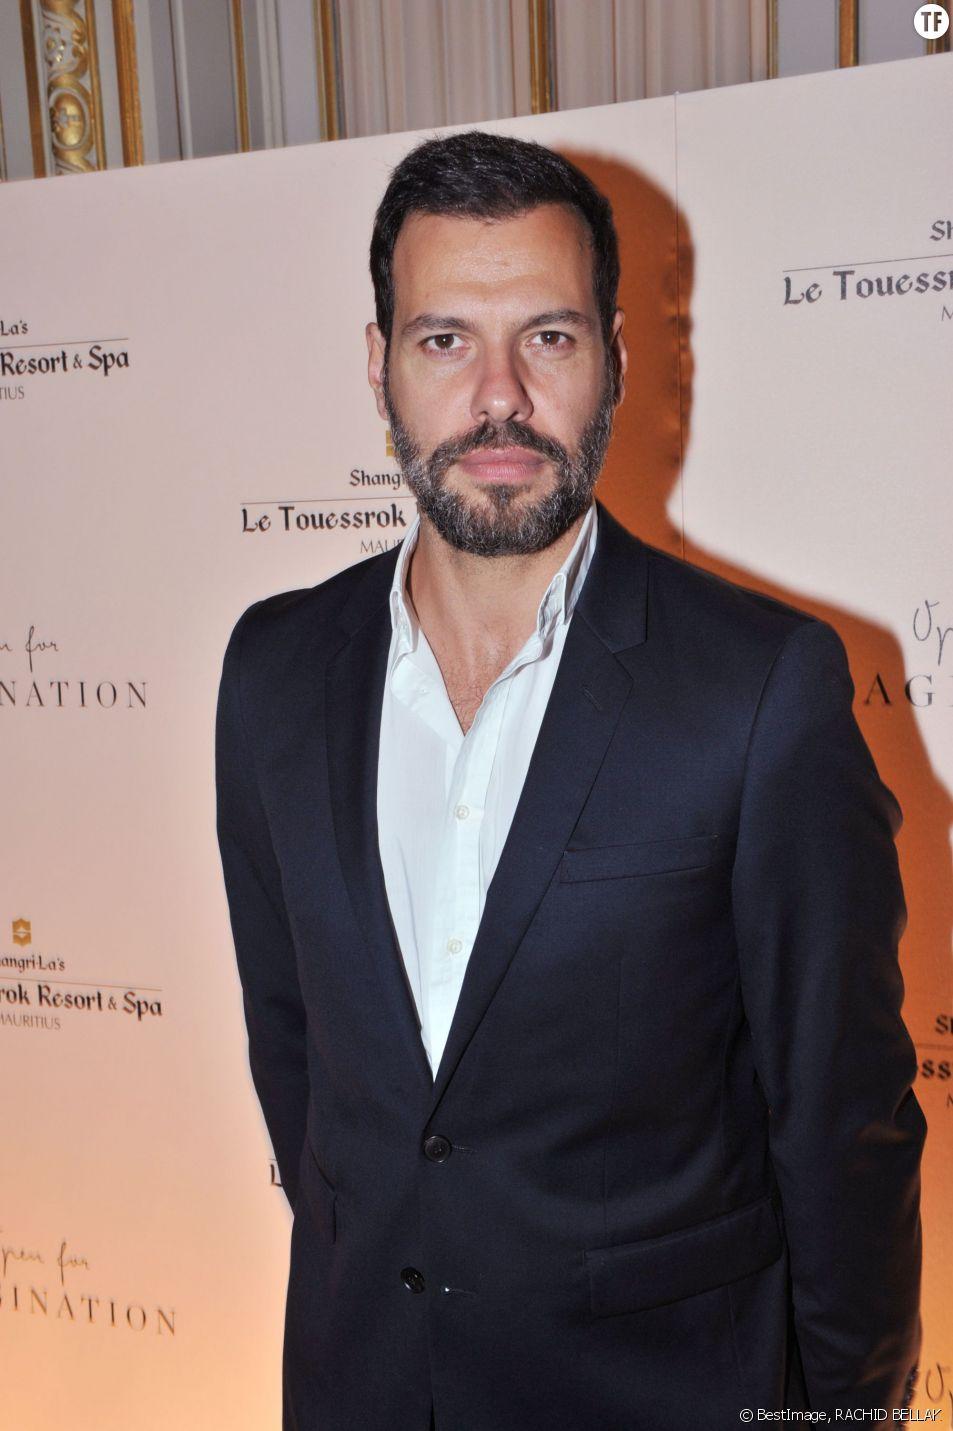 Laurent Lafitte - maître de cérémonie du 69ème Festival de Cannes